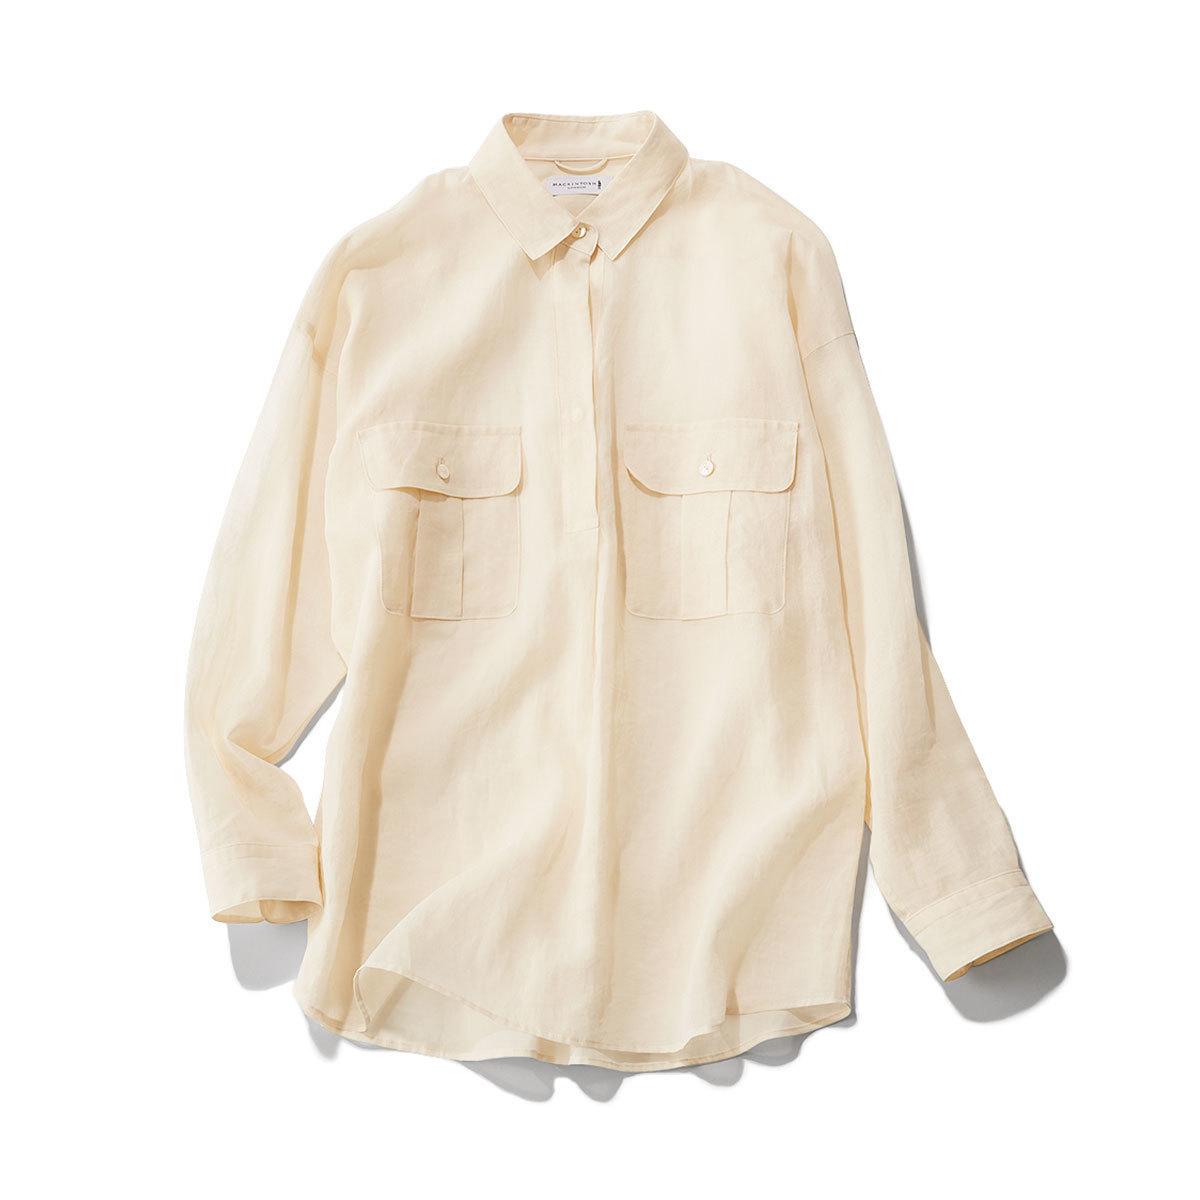 ■マッキントッシュ ロンドンのゆるっとシャツ